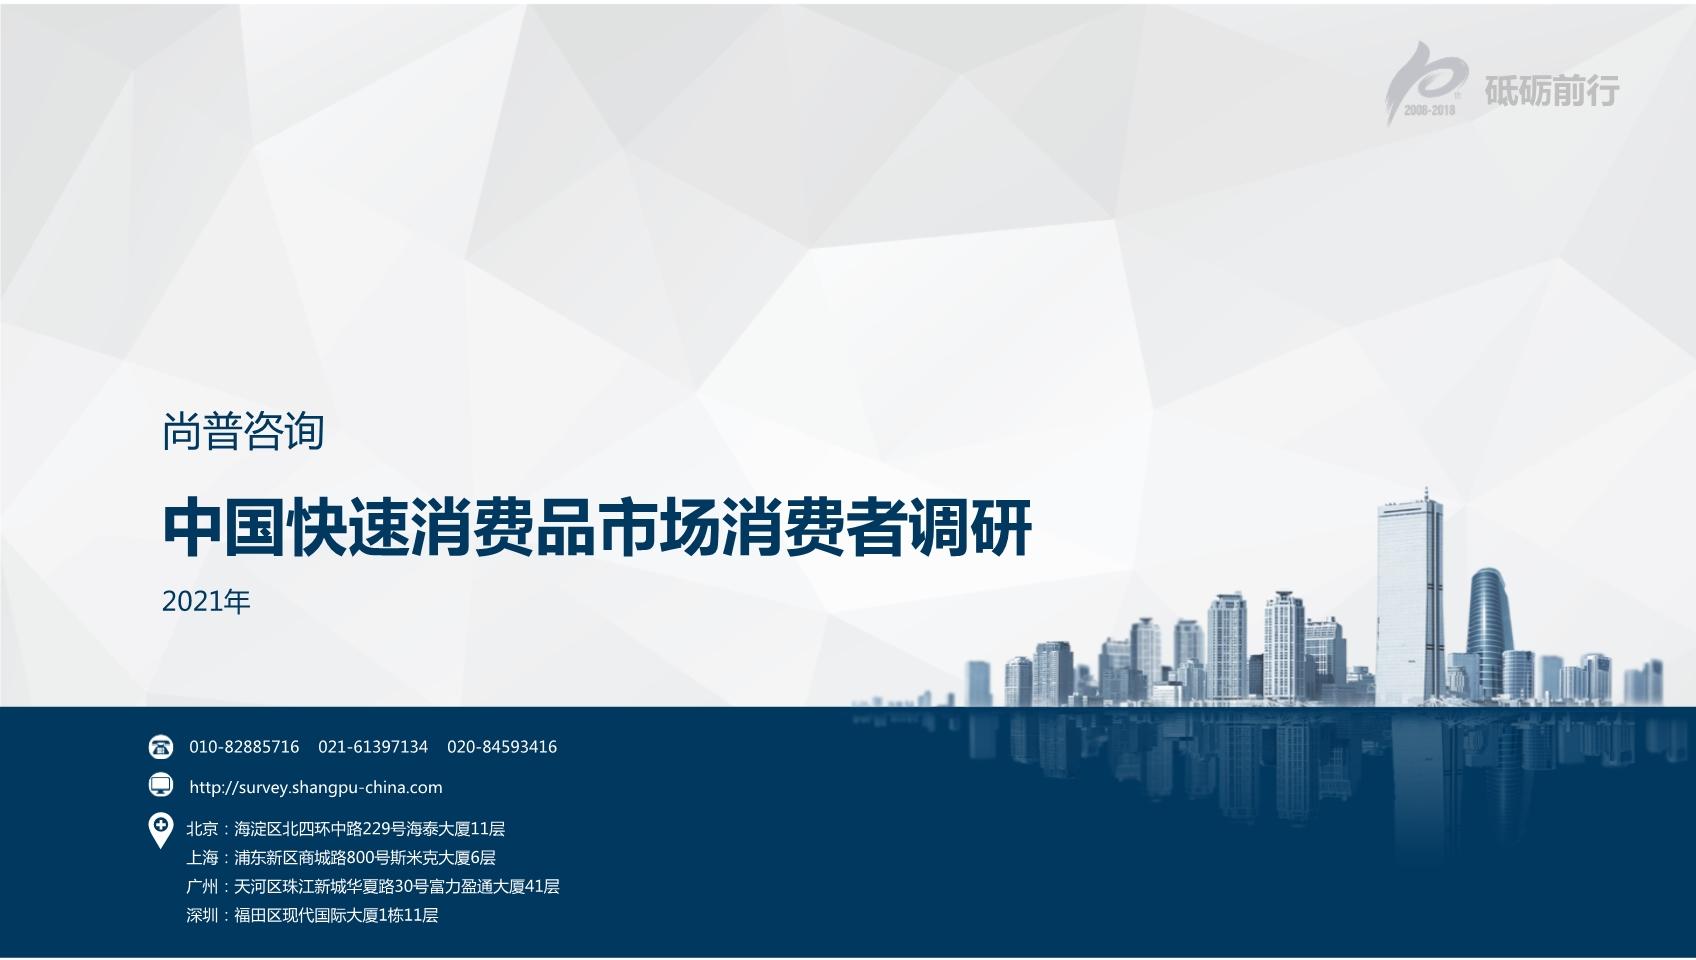 尚普咨询:2021年中国快速消费品市场消费者调研